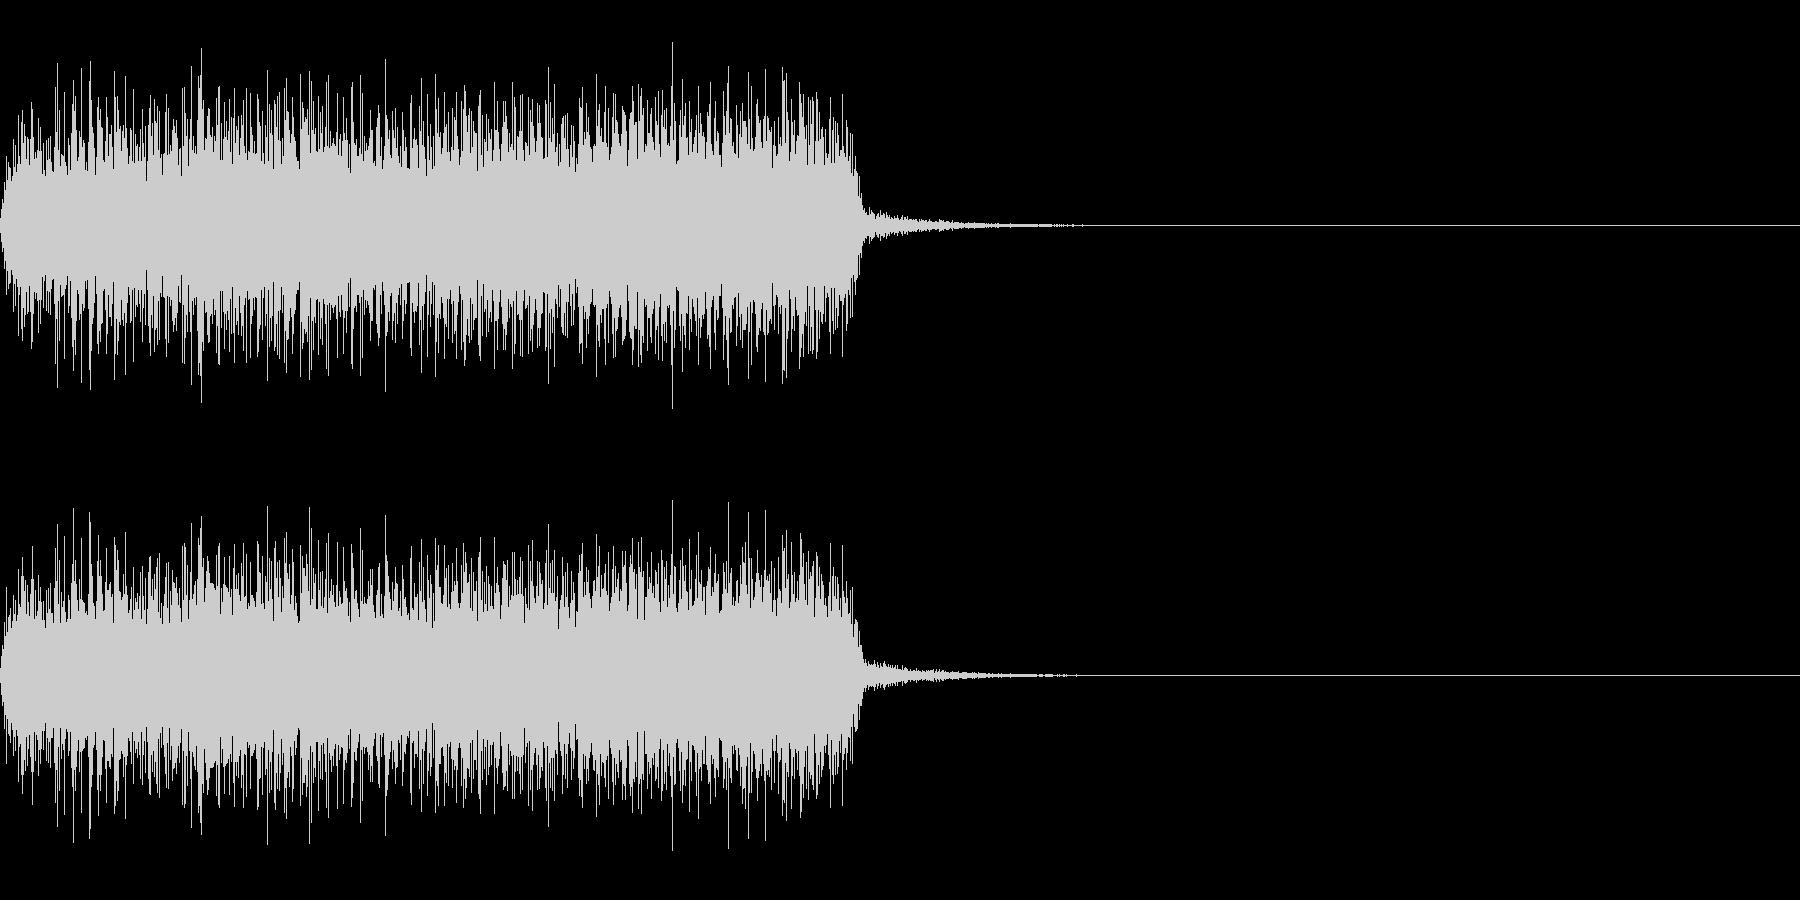 スパーク音-48の未再生の波形